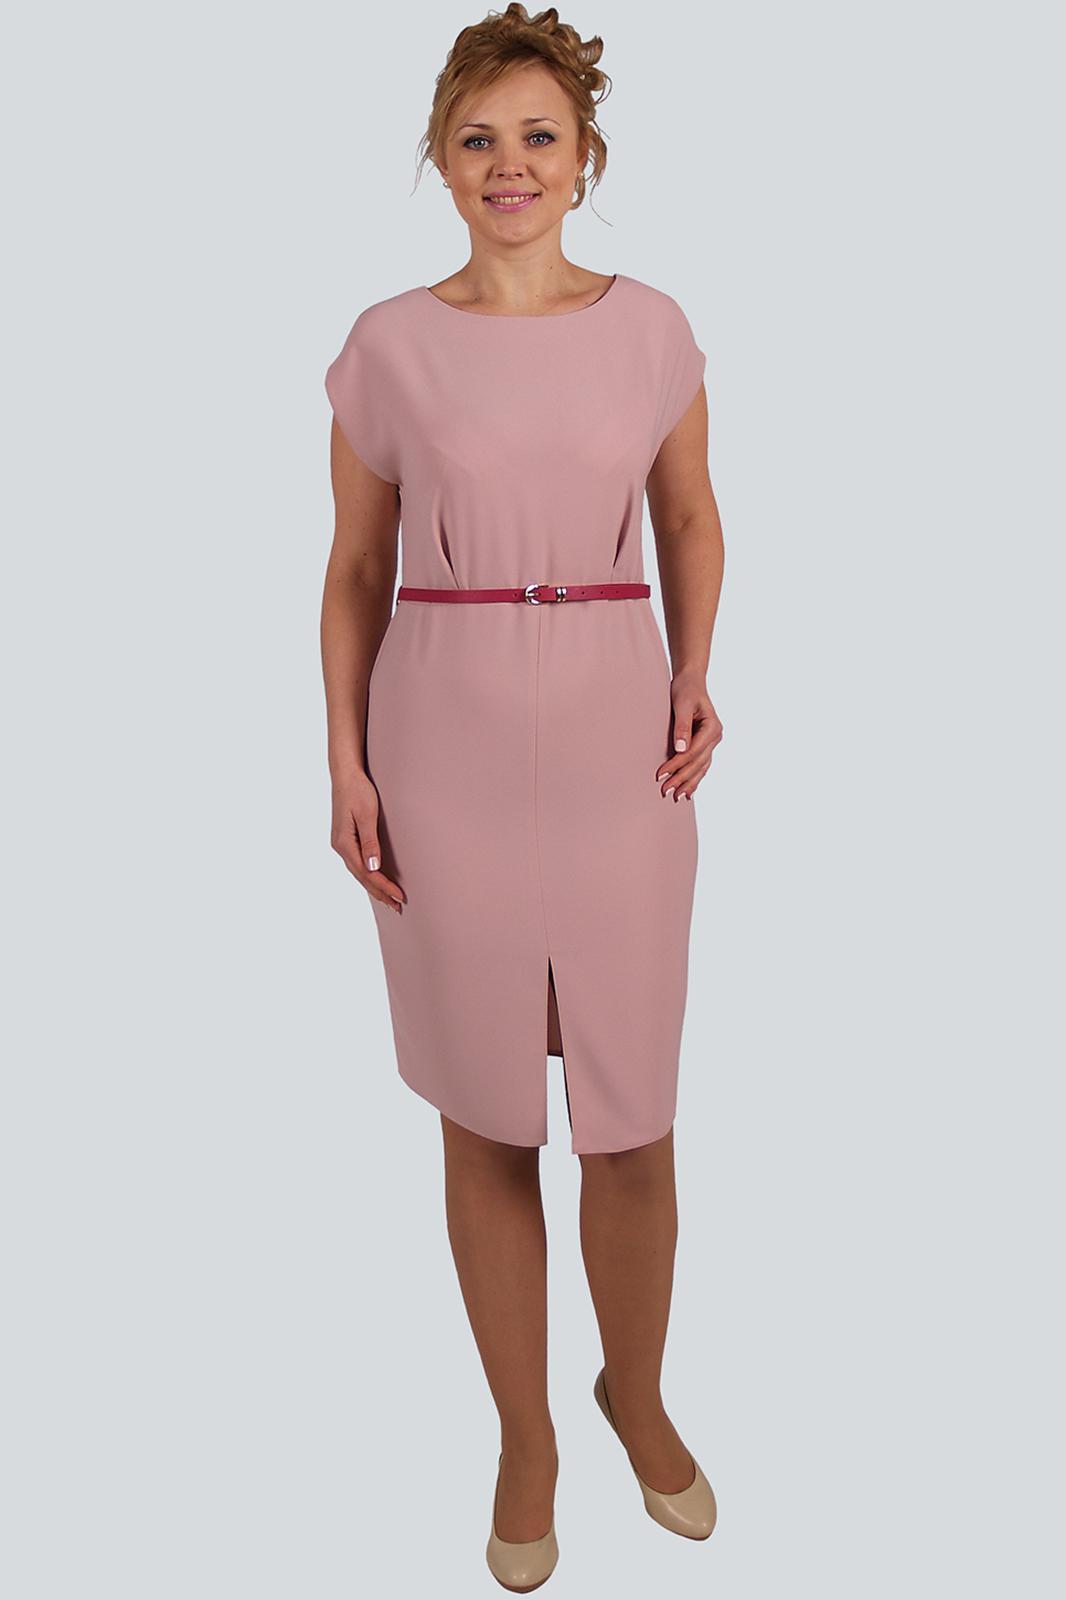 Купить Платье Zlata, 4085 светло-розовый, Беларусь